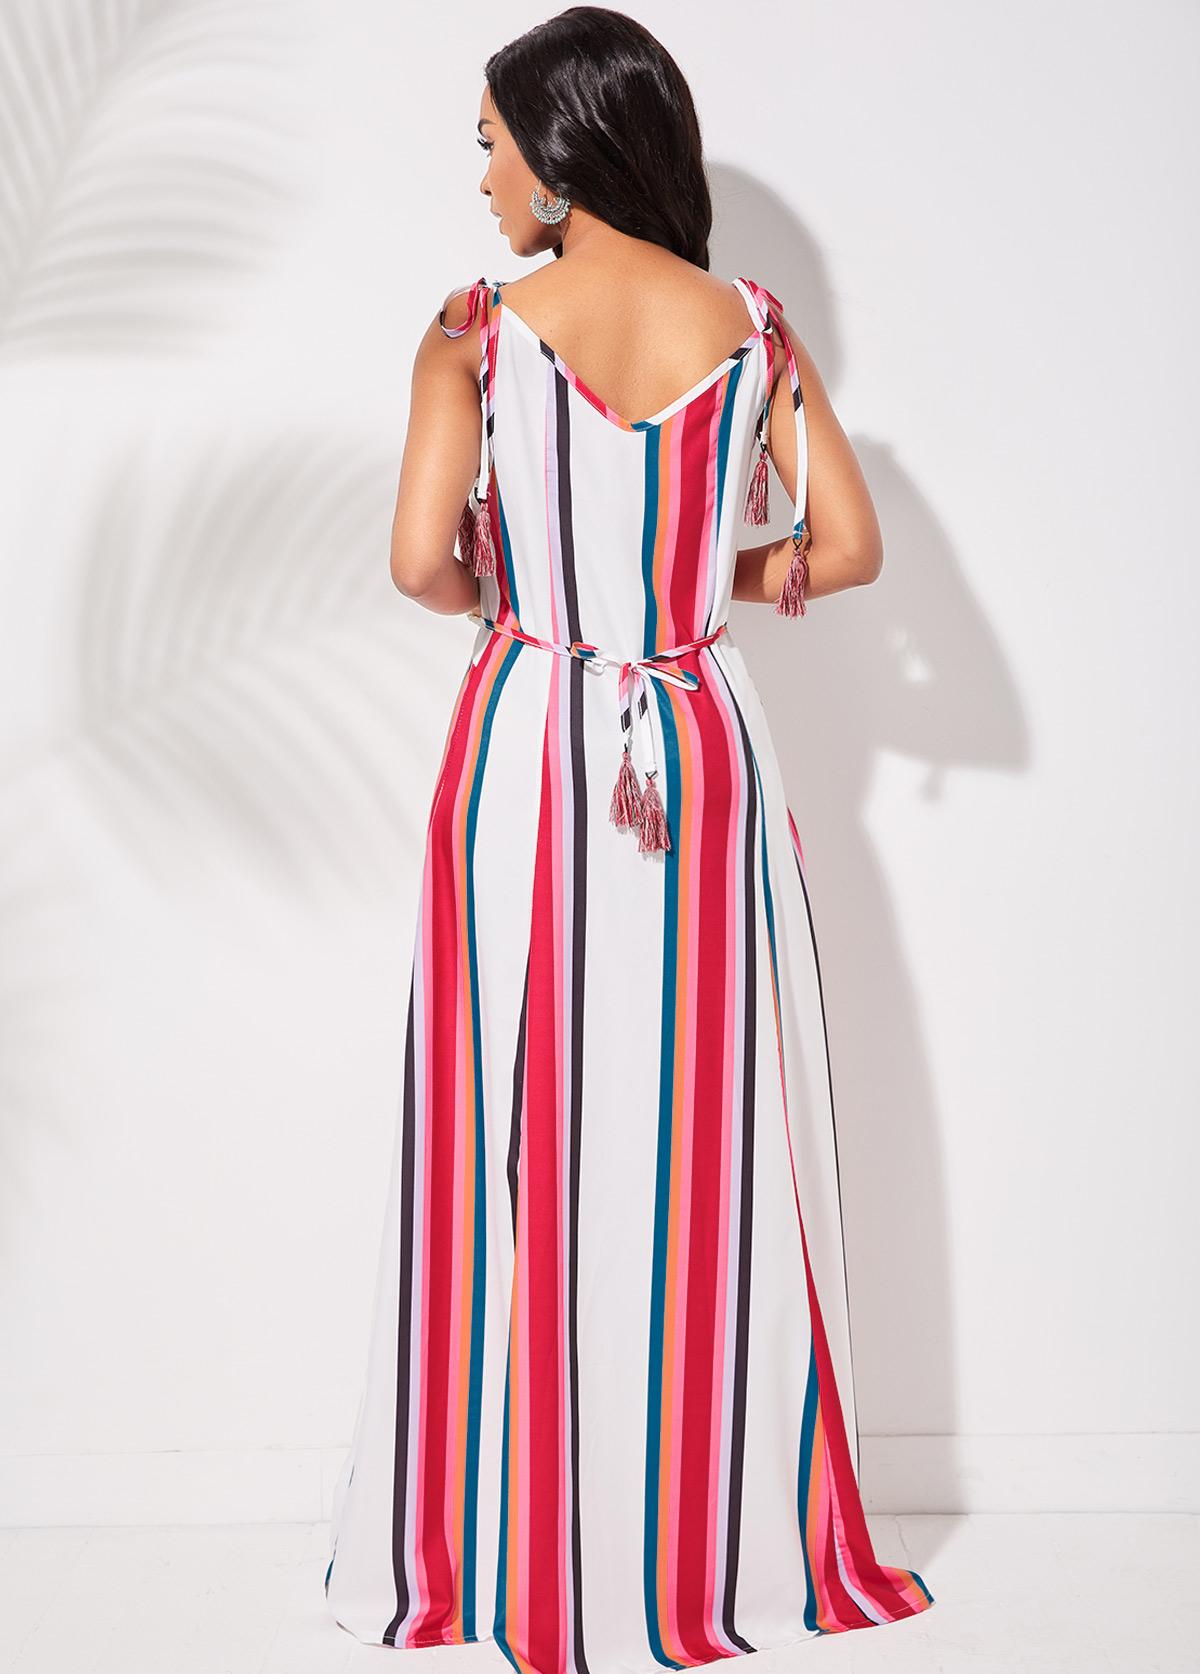 Tassel Tie Striped Spaghetti Strap Dress